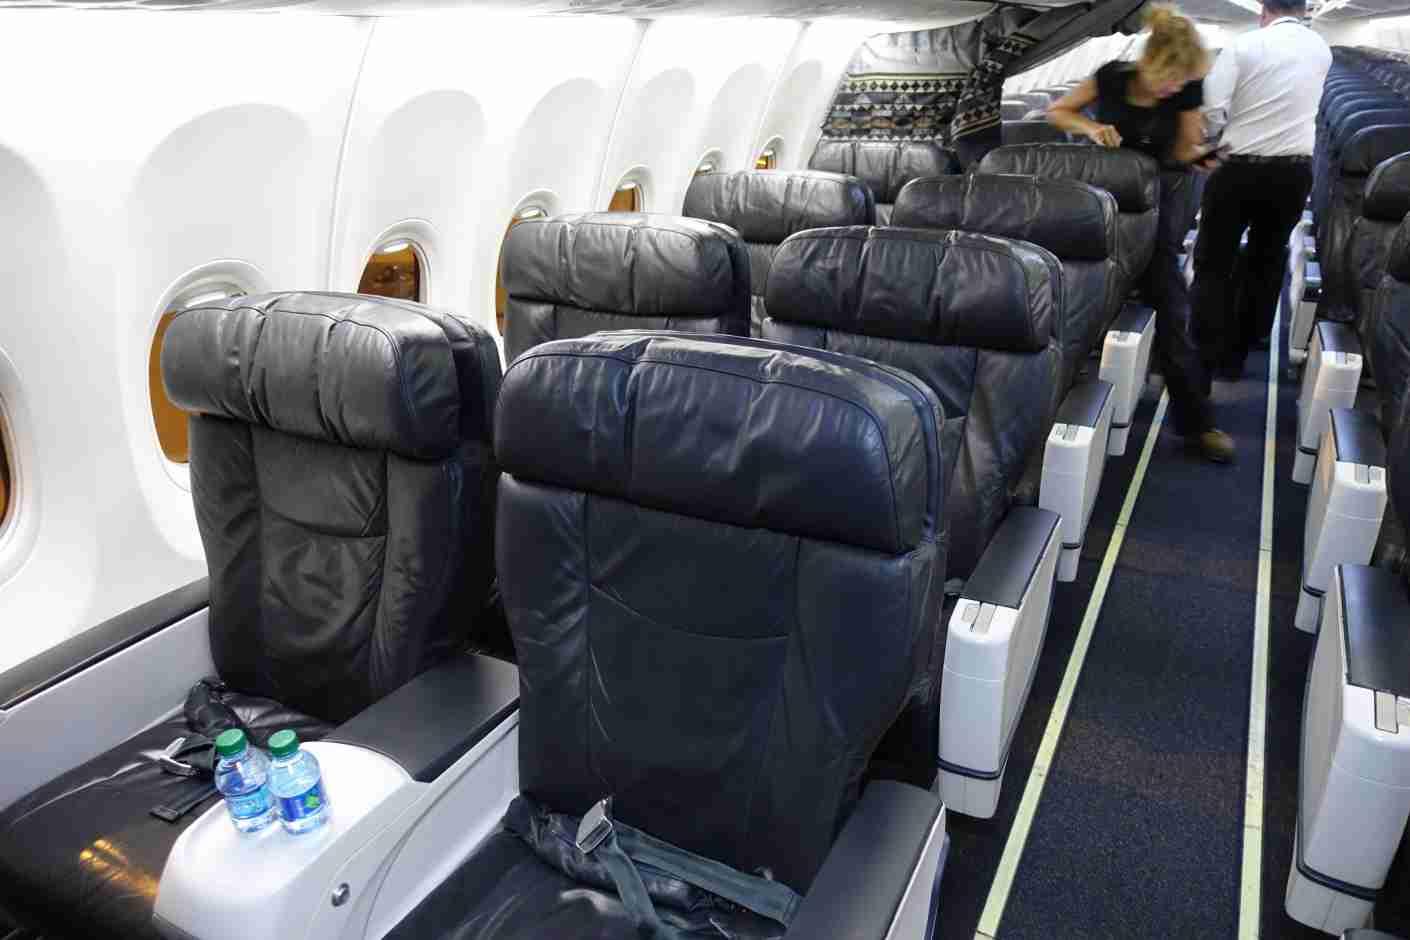 Alaska 737-900 first class